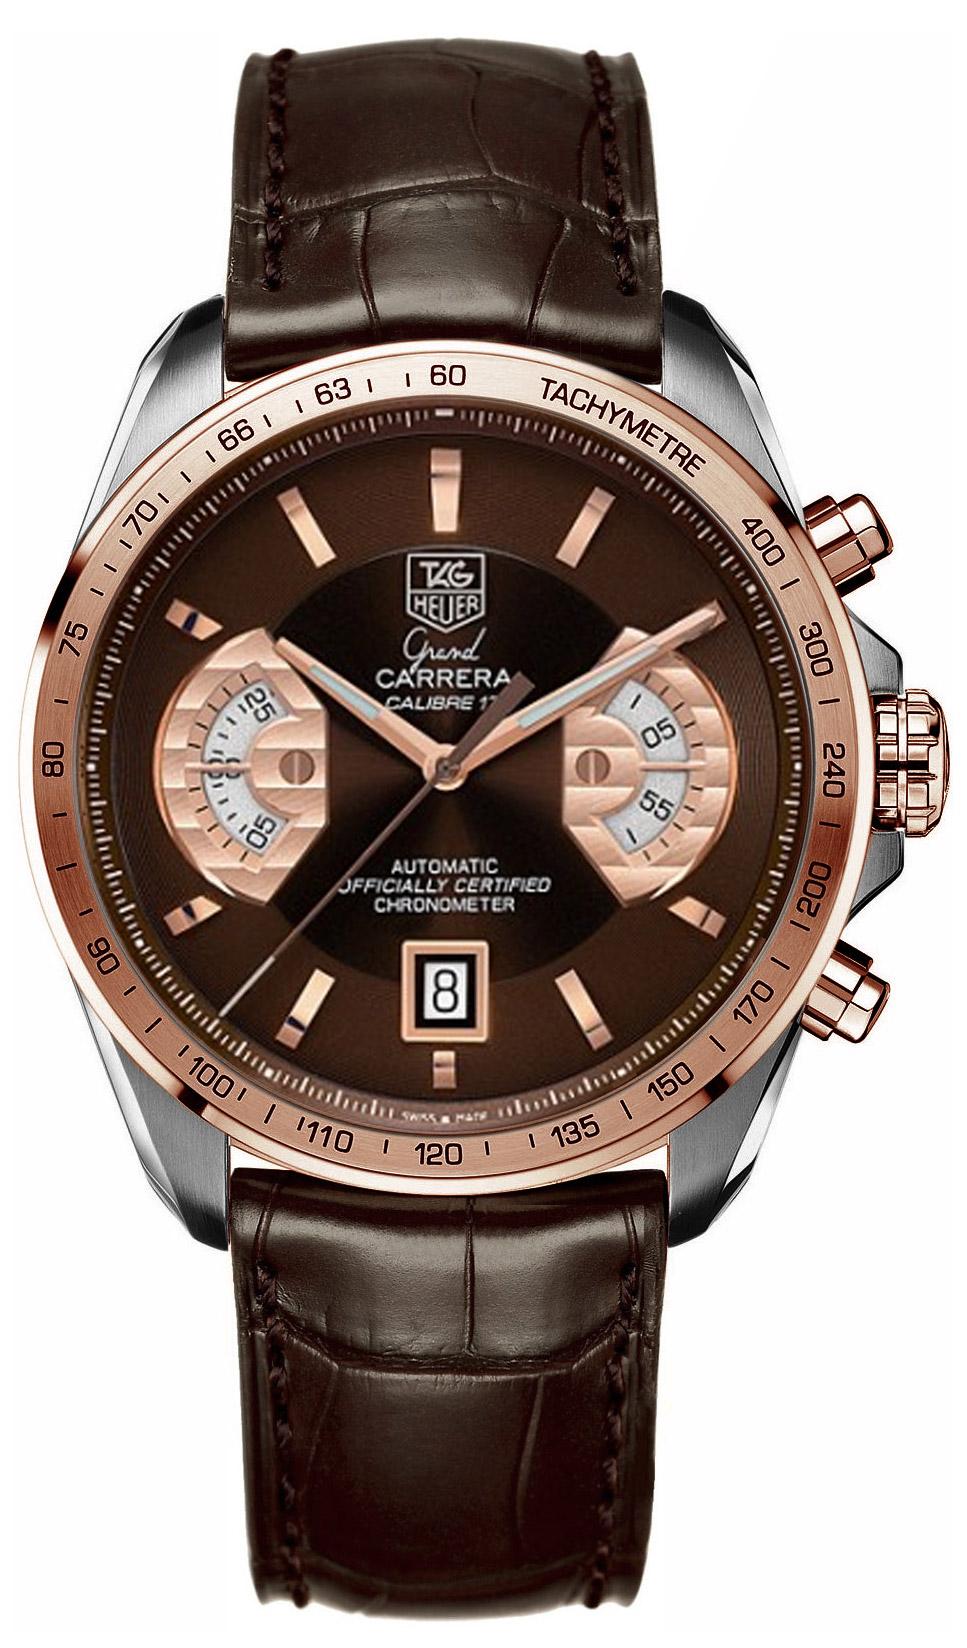 ароматом tag heuer grand carrera calibre 17 rose gold mens watch неправильно нанесенный аромат